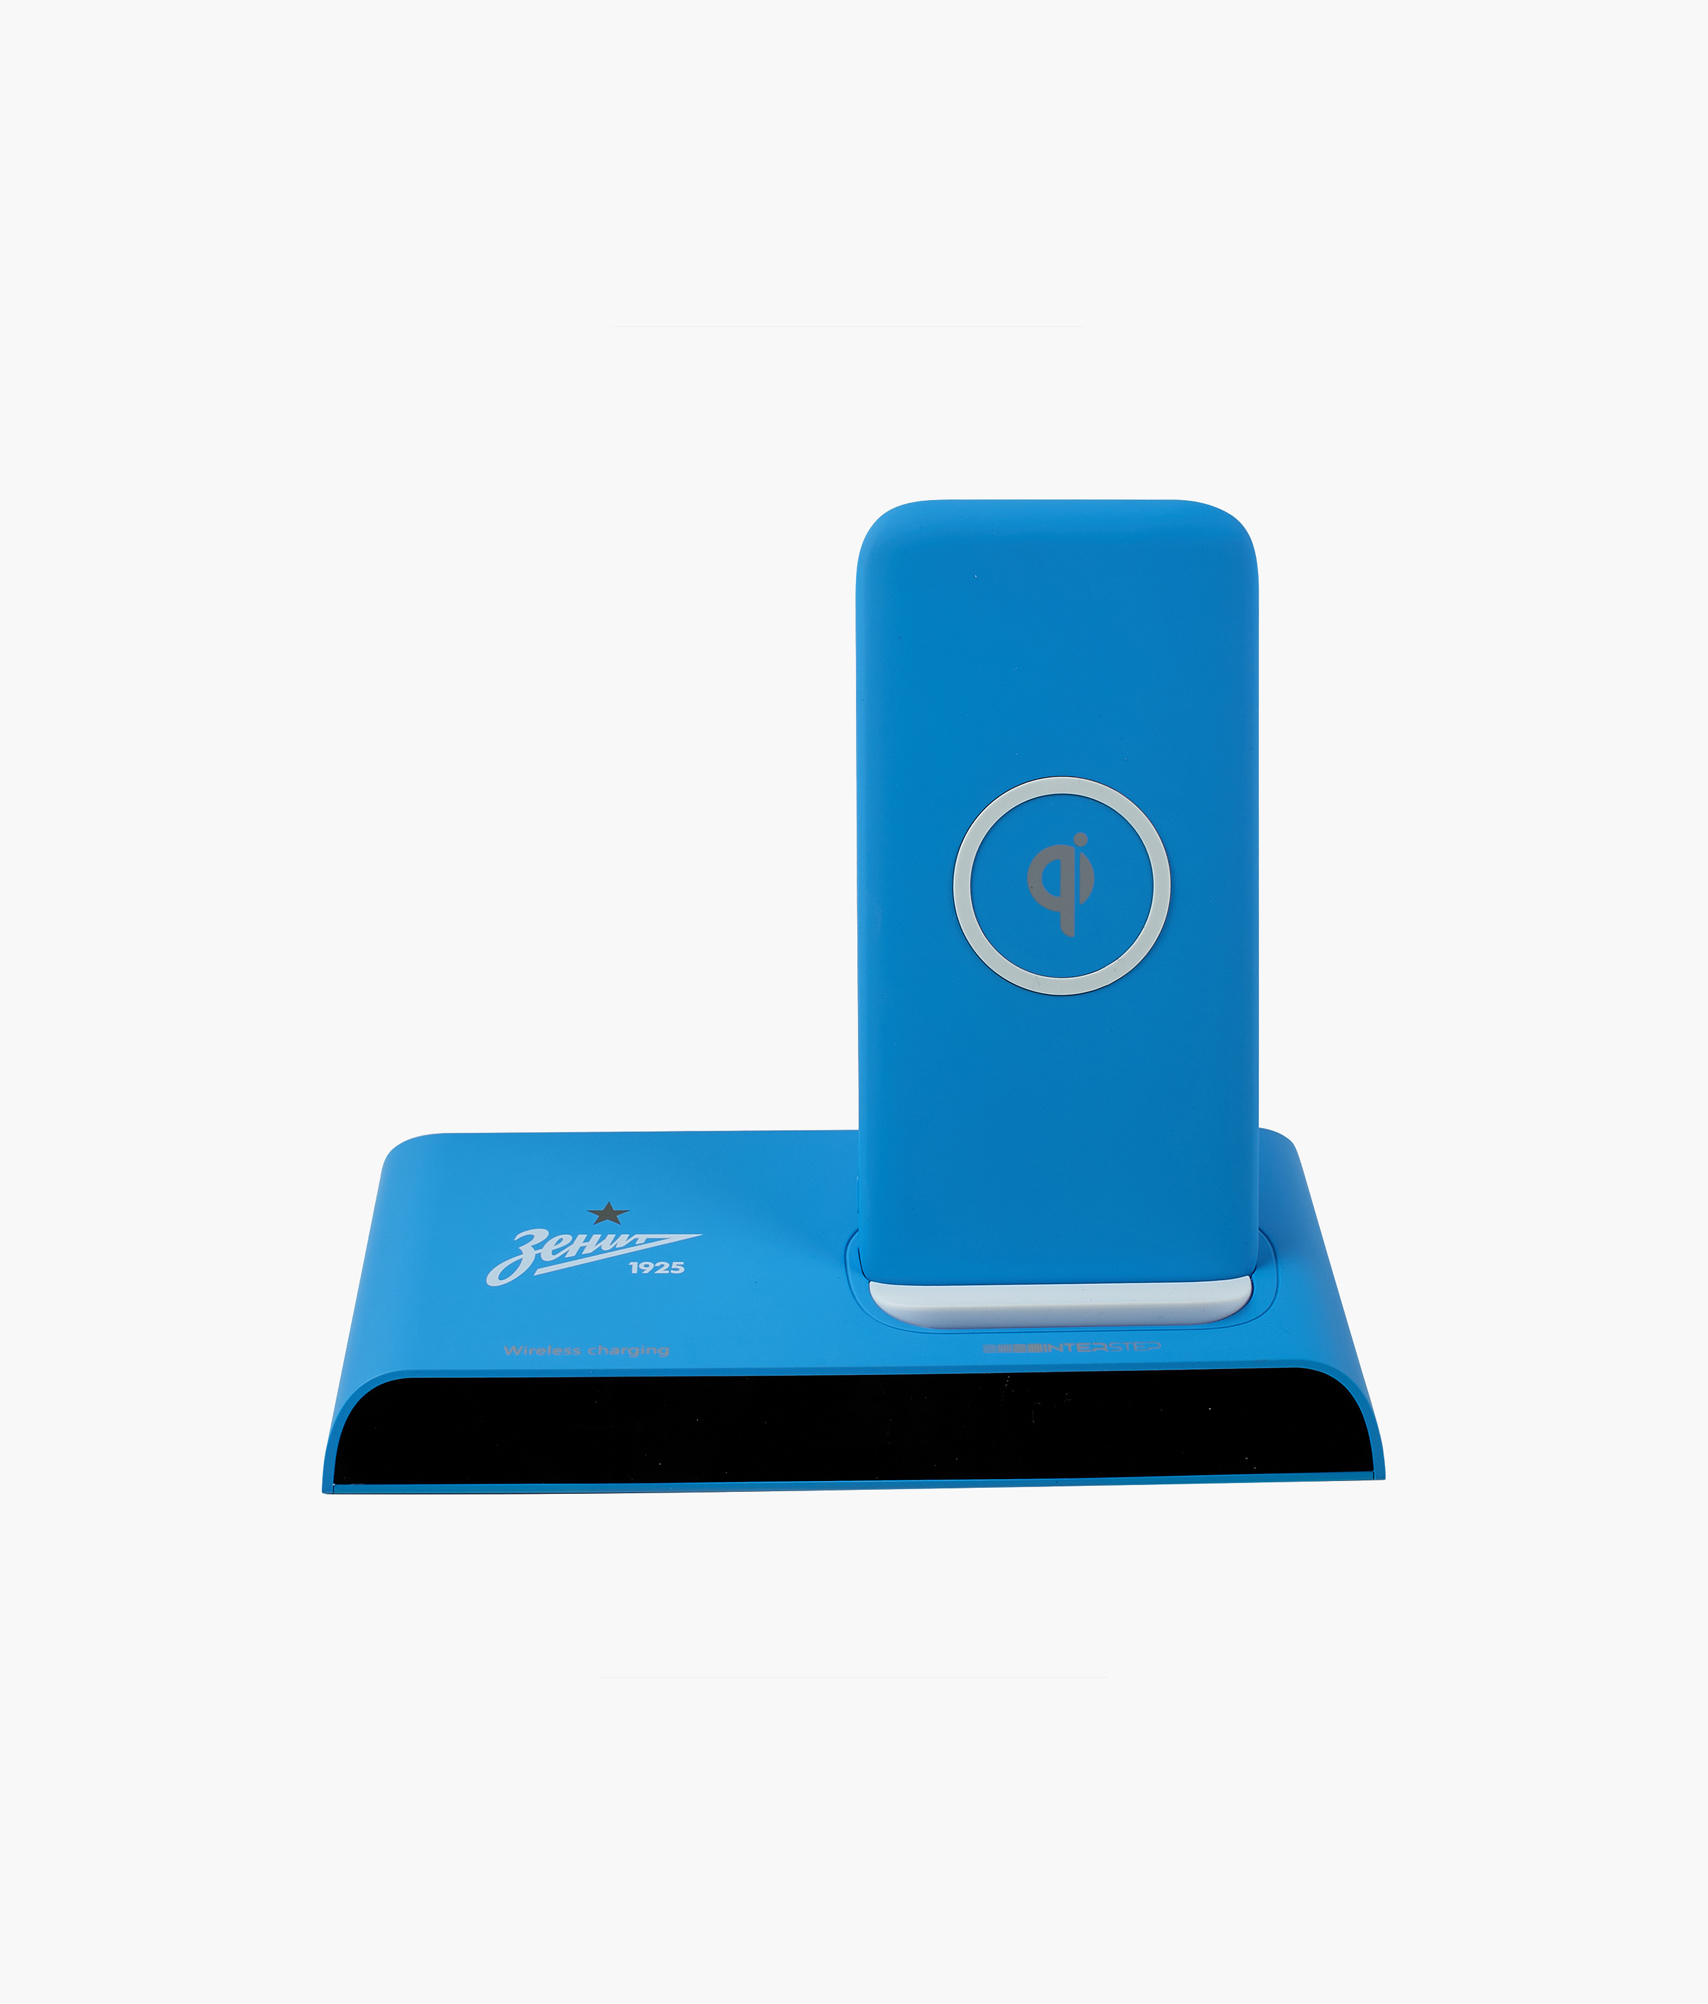 Фото - Внешний аккум 10000 мАч с док станцией Zenit (голубой) Зенит Цвет-Голубой внешний аккумулятор зенит 3000 мач